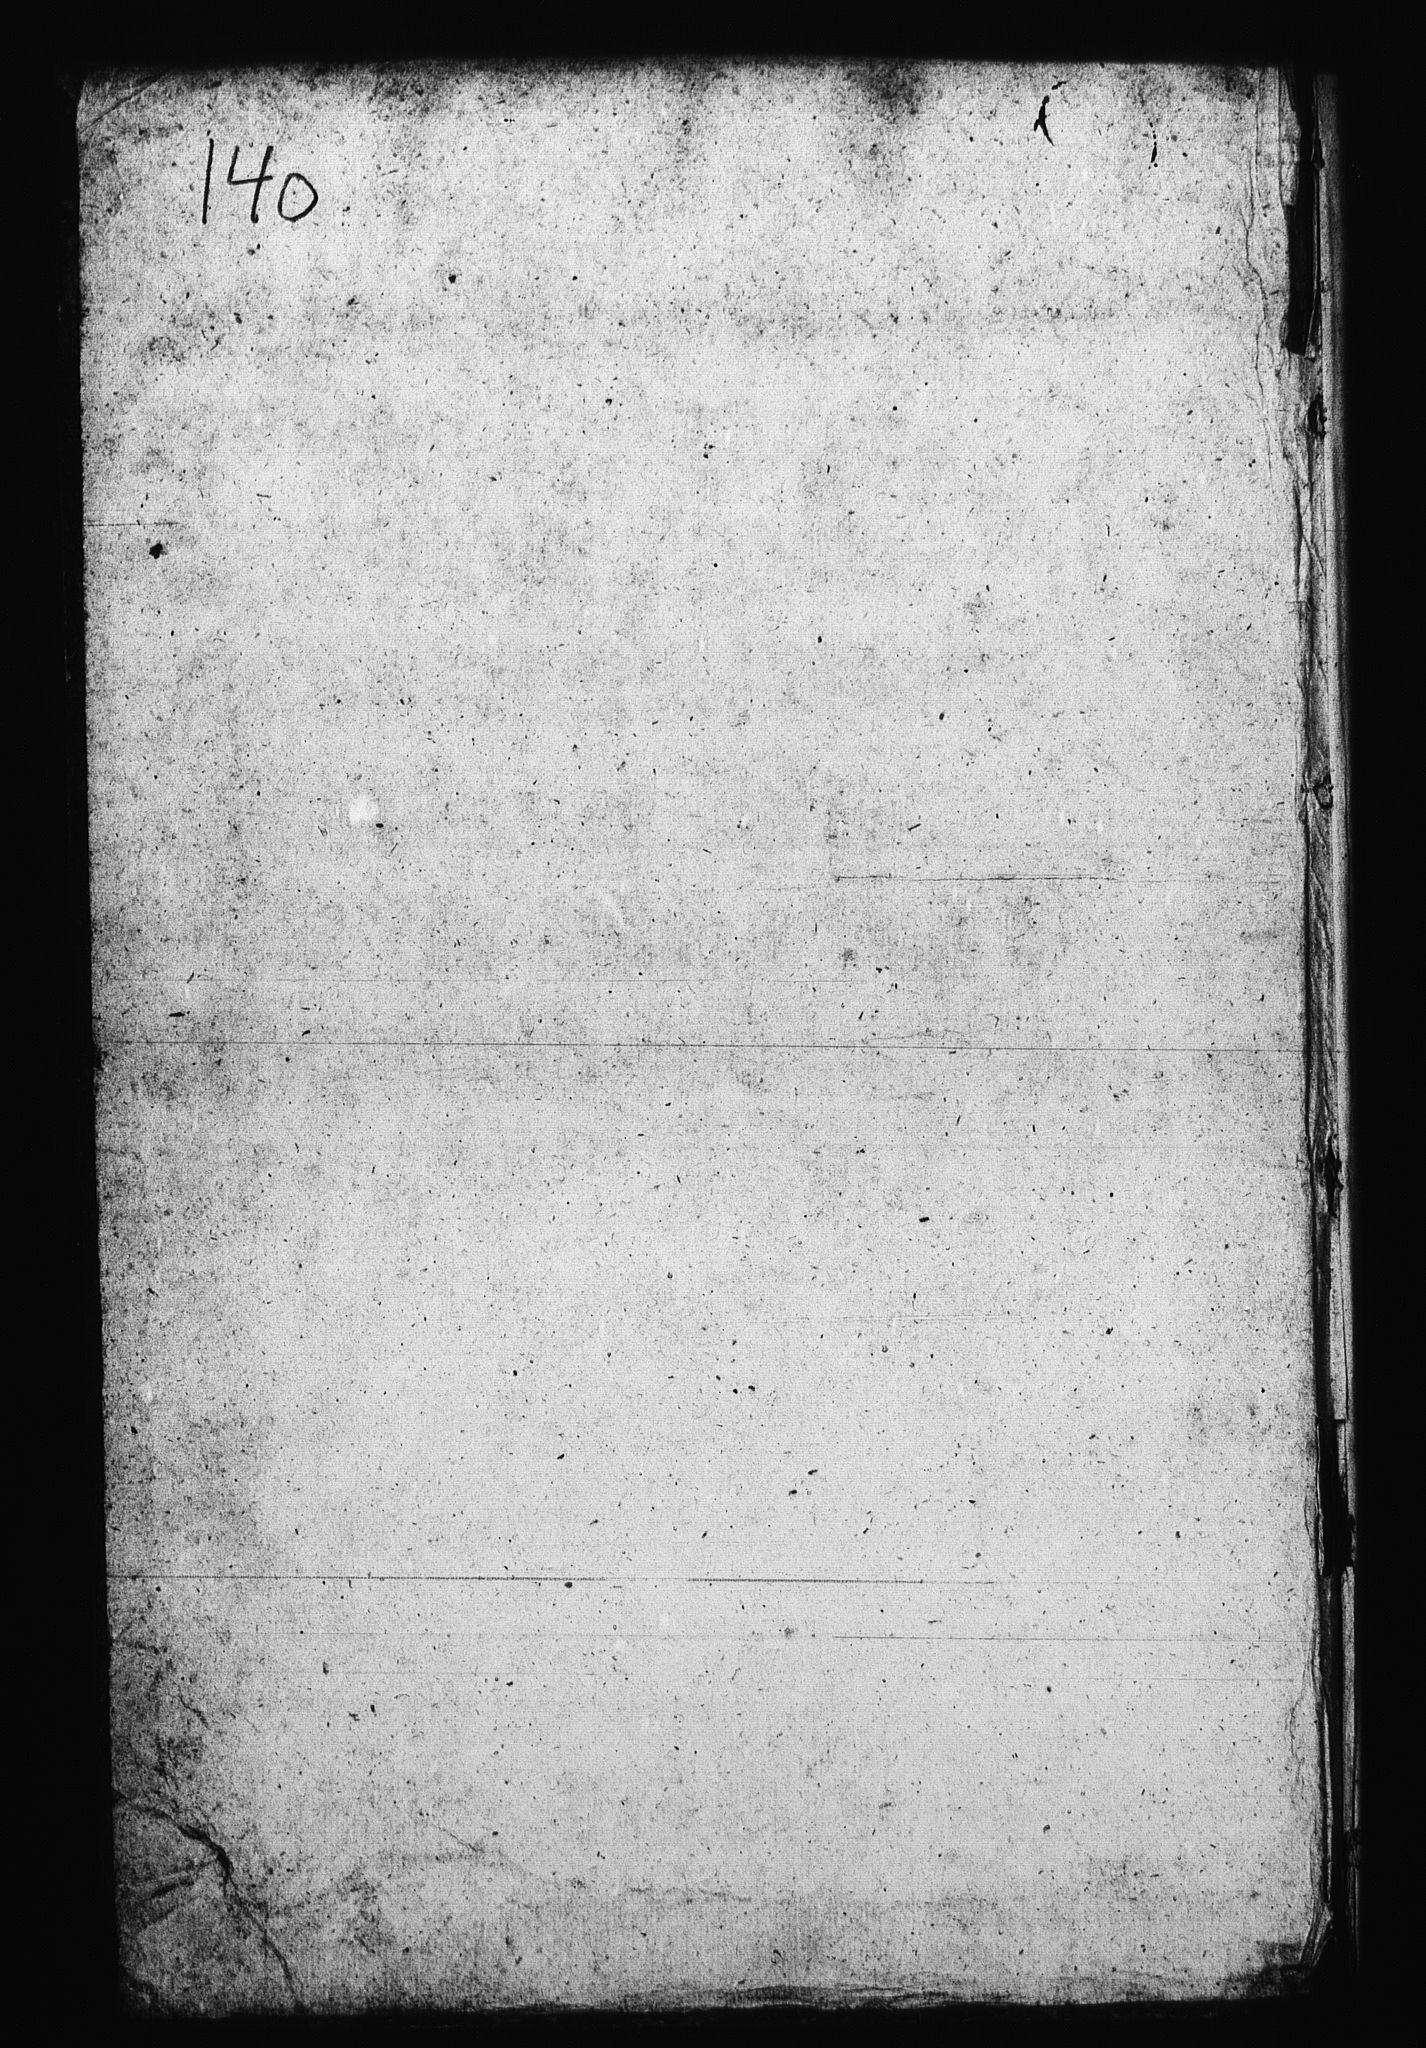 RA, Sjøetaten, F/L0141: Bragernes distrikt, bind 8, 1801